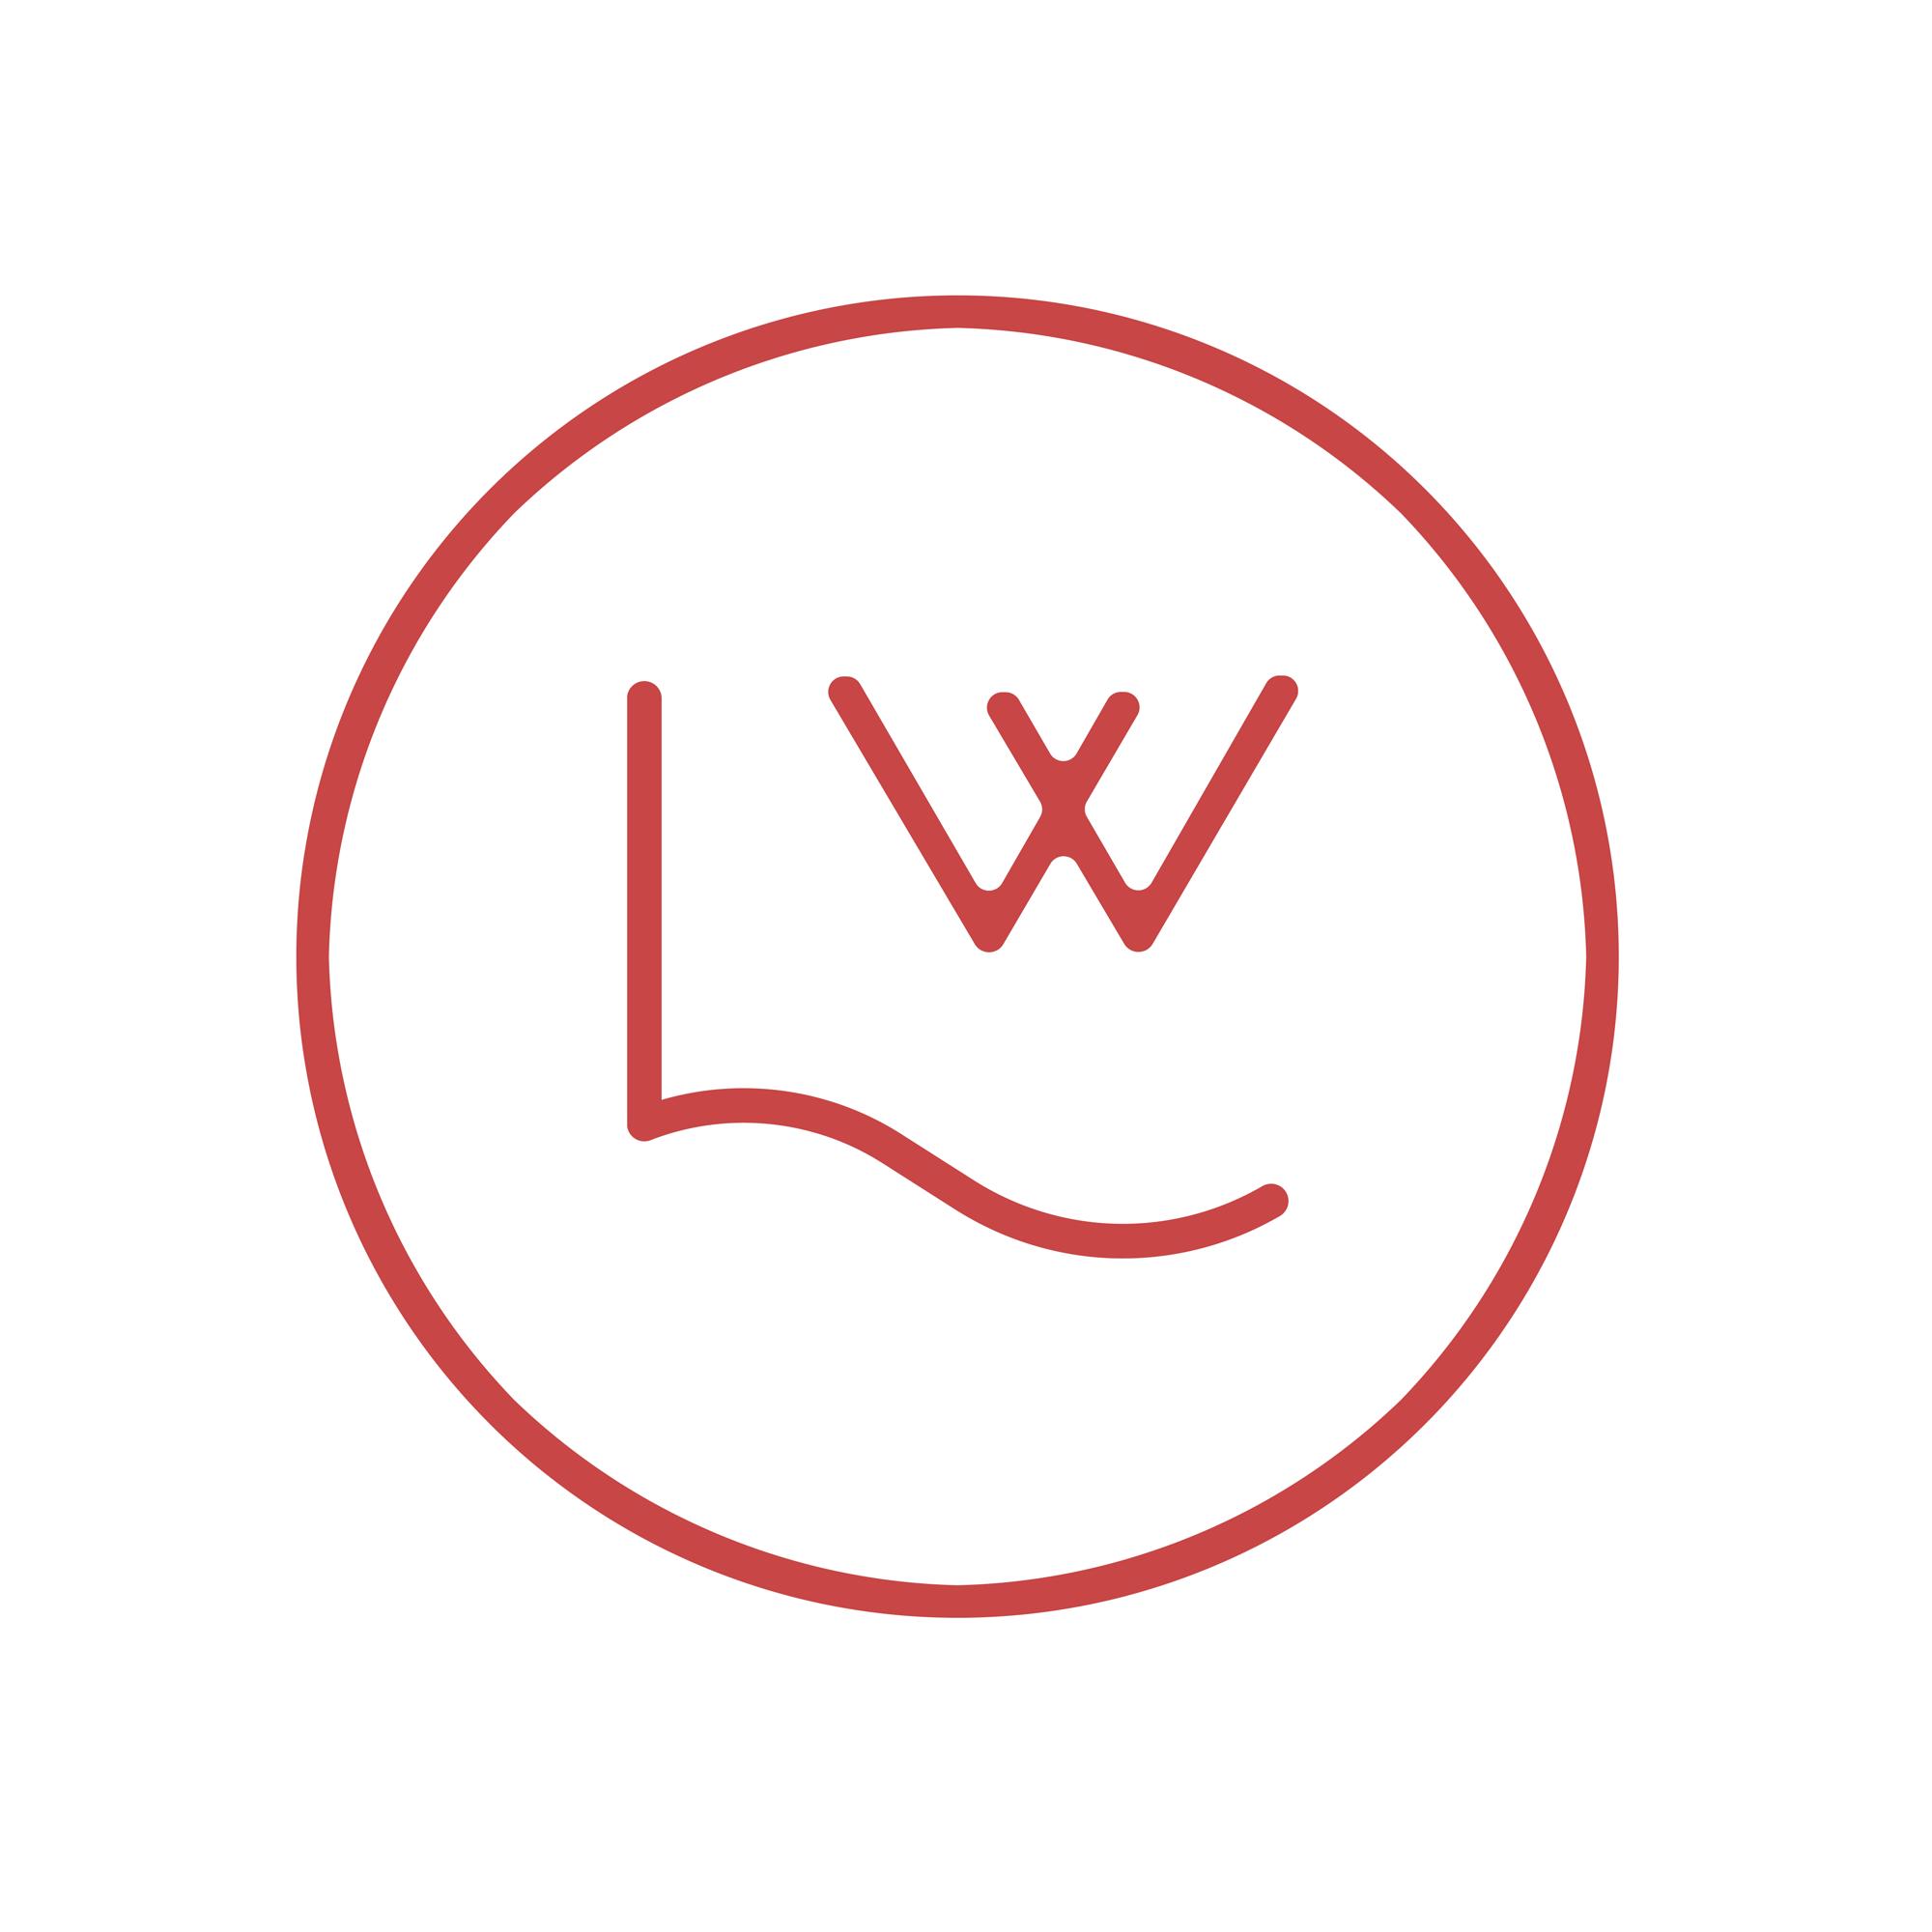 New Logo and Identity for Laithwaites by I&CO